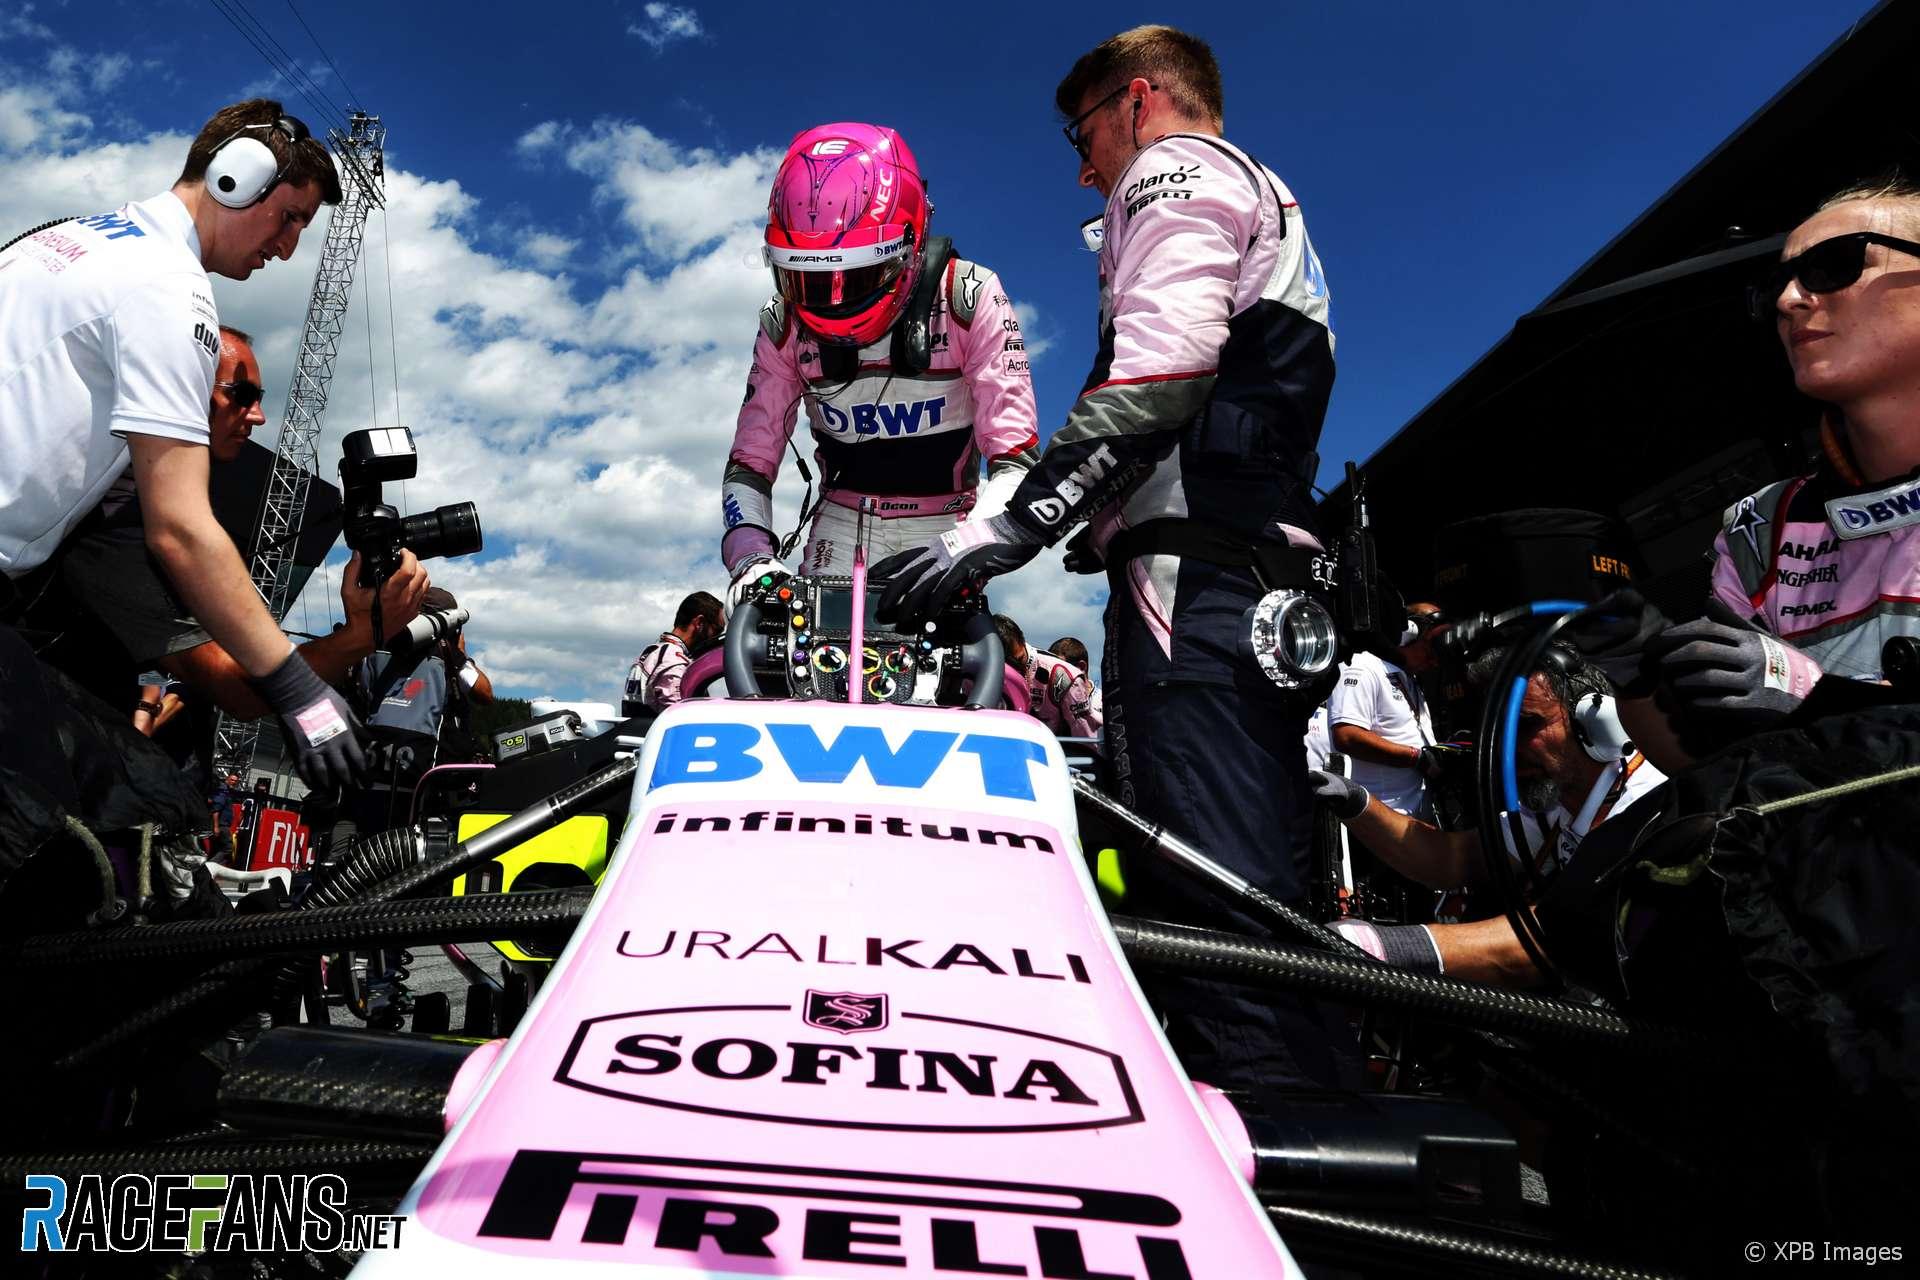 Esteban Ocon, Force India, Red Bull Ring, 2018